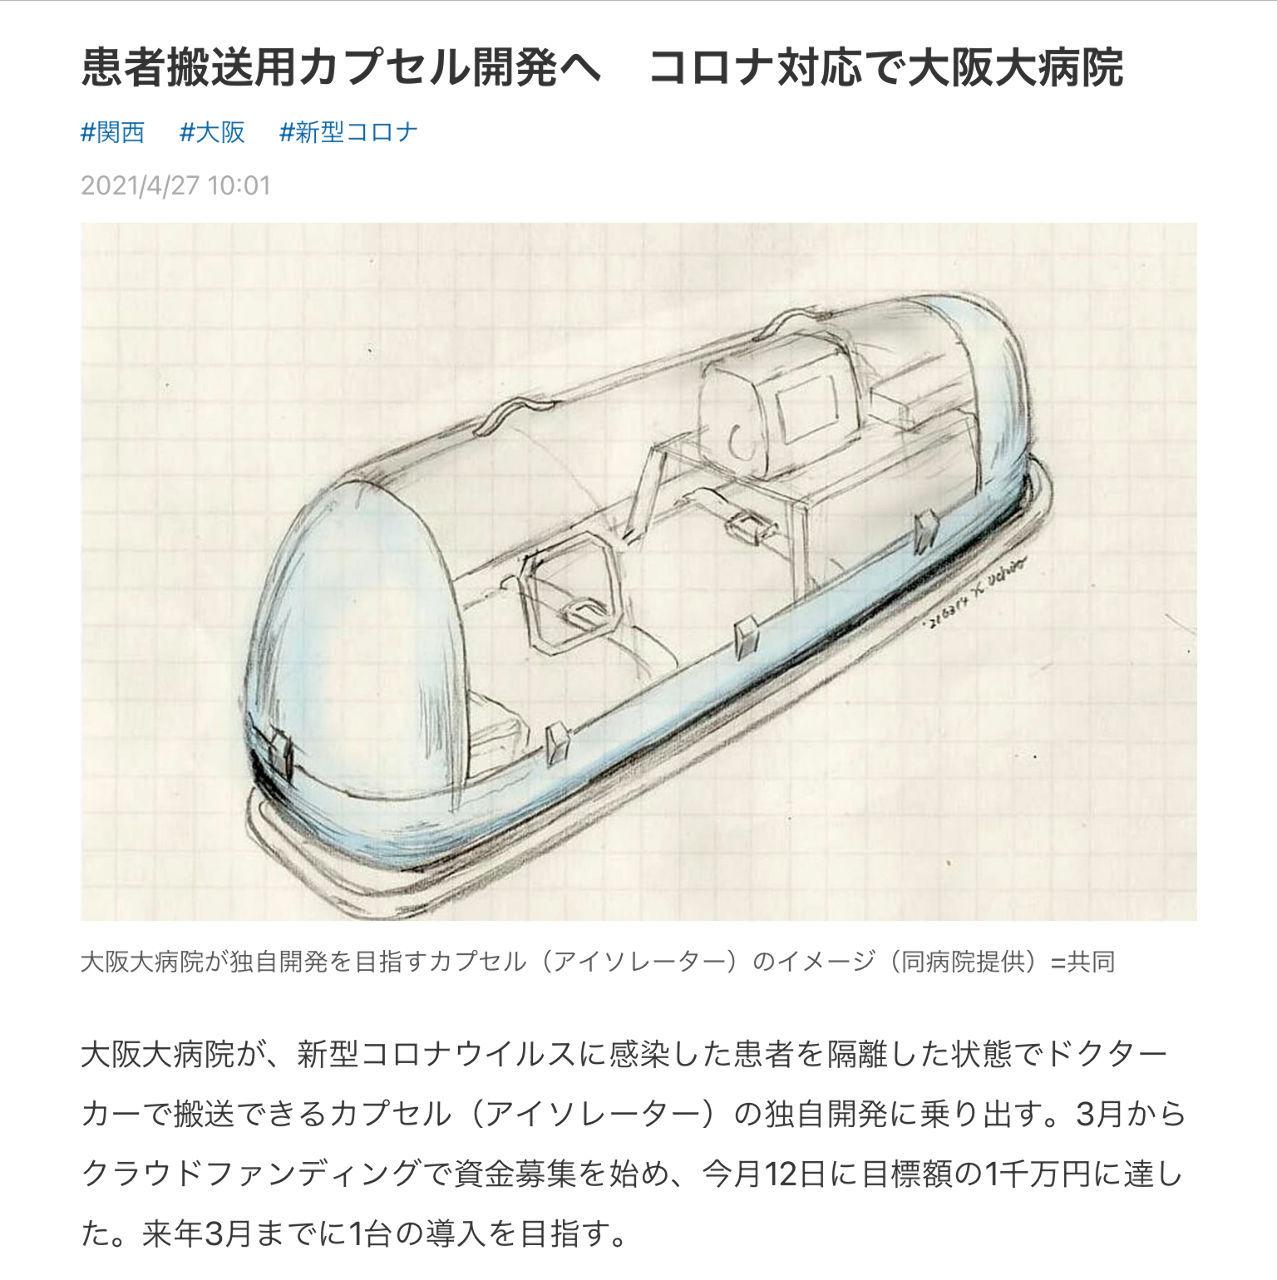 くるみぱん2 患者搬送用カプセル開発へ コロナ対応で大阪大病院 #関西 #大阪 #新型コロナ 2021/4/27